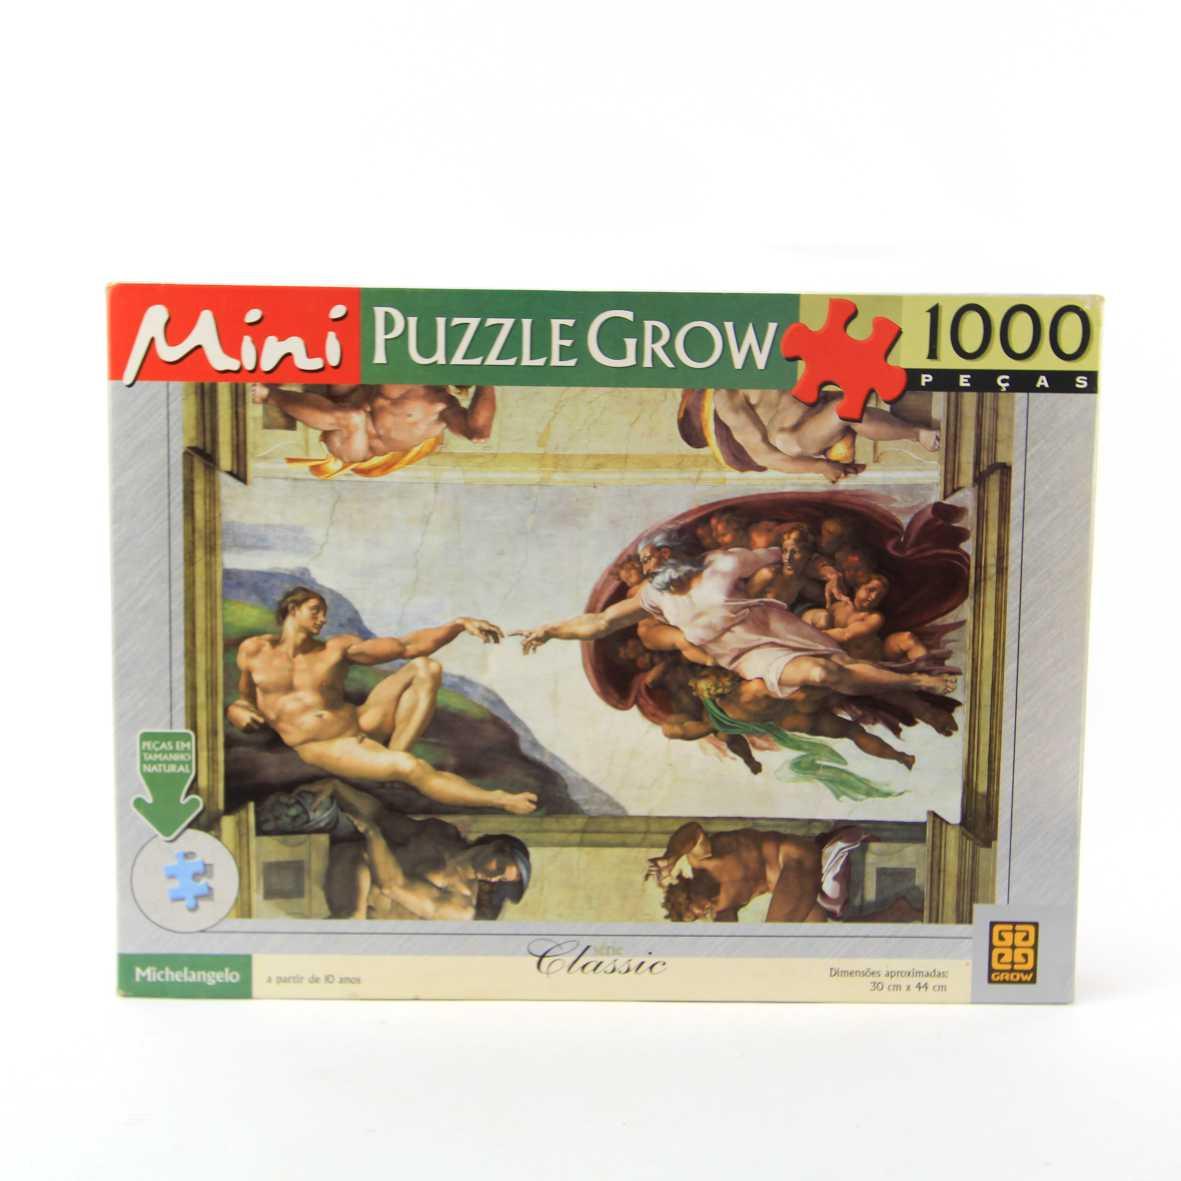 Quebra Cabeça Michelangelo 1000 peças Grow 02541